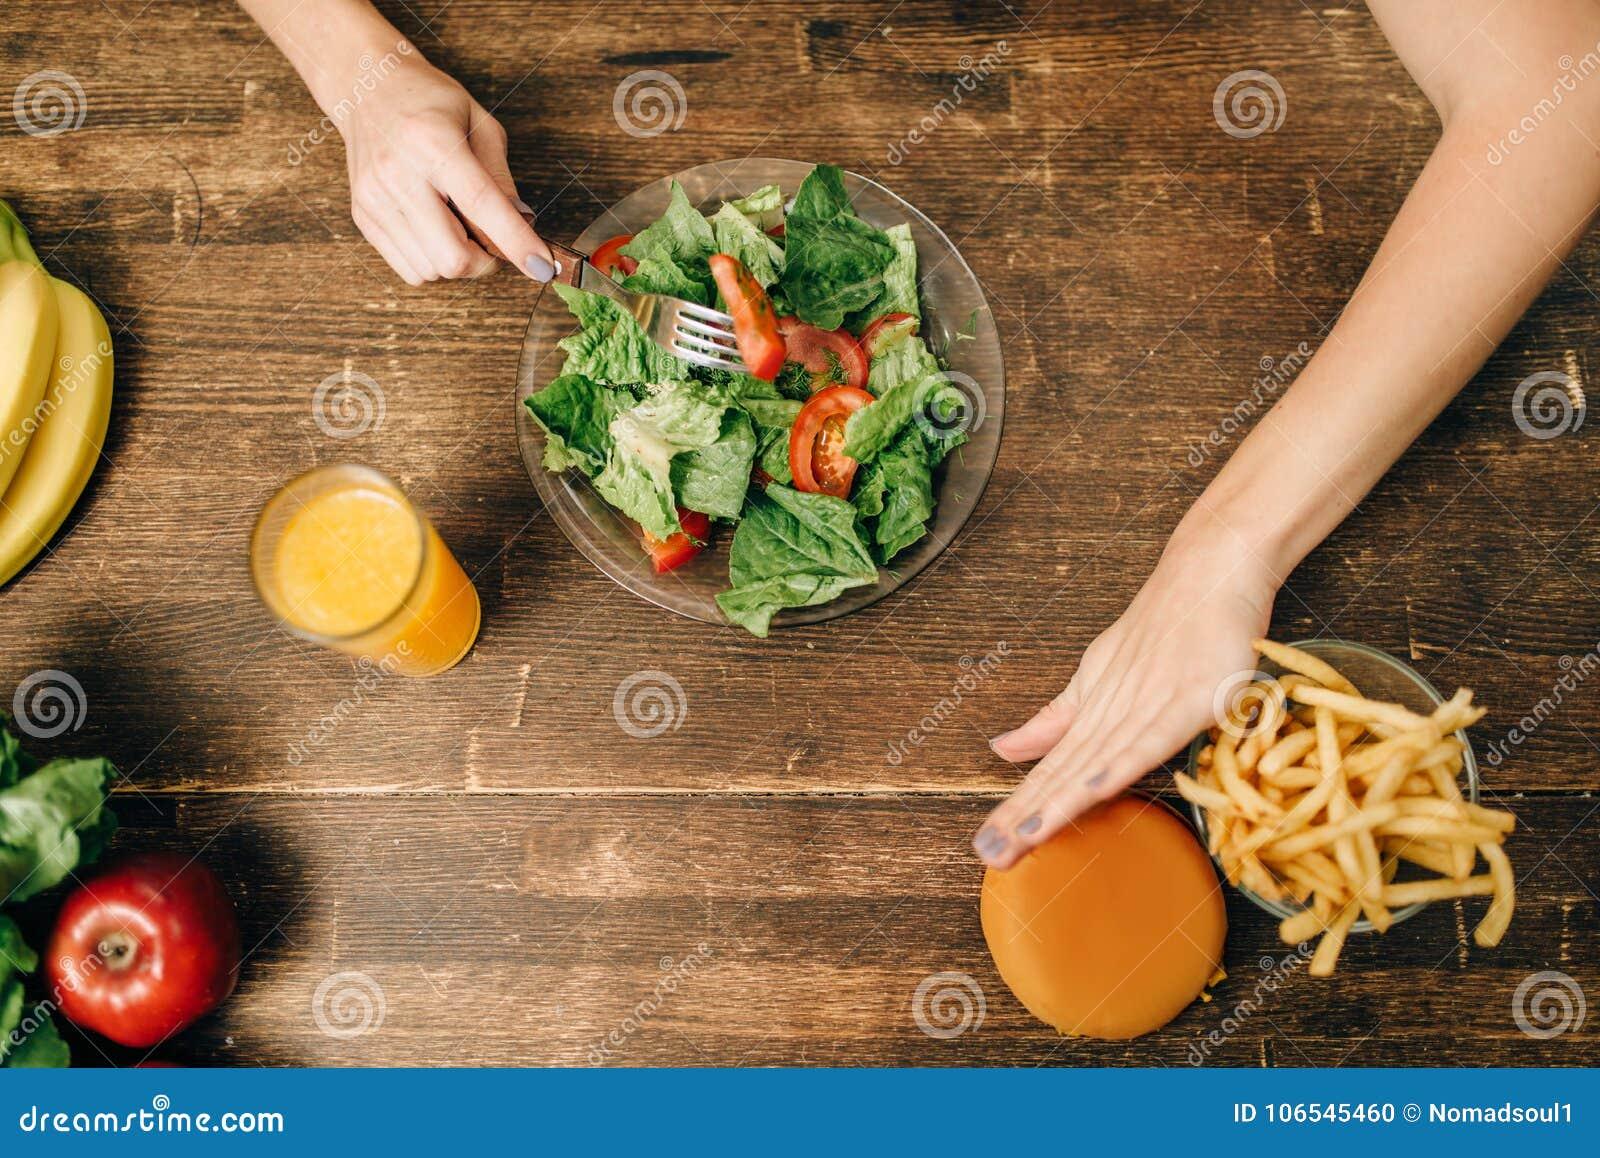 Żeńska osoba wybiera zdrową żywność organiczną